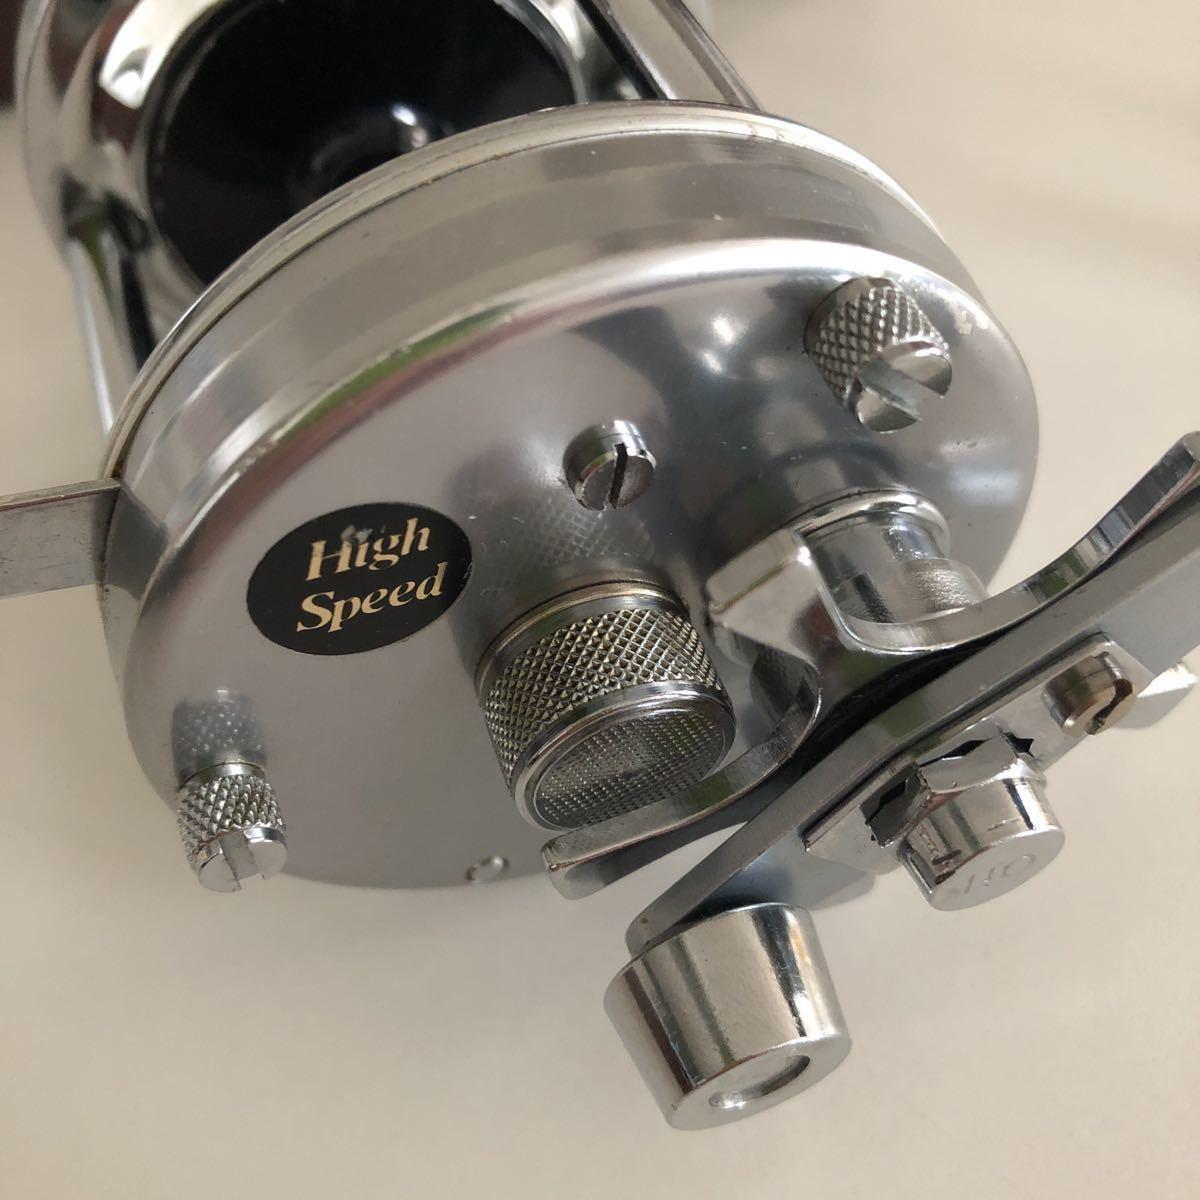 美品 ABU 6500C 79年 ブラックステッカーモデル シルバー 革ケース付属付き/アブ ambassadeur 雷魚_画像5